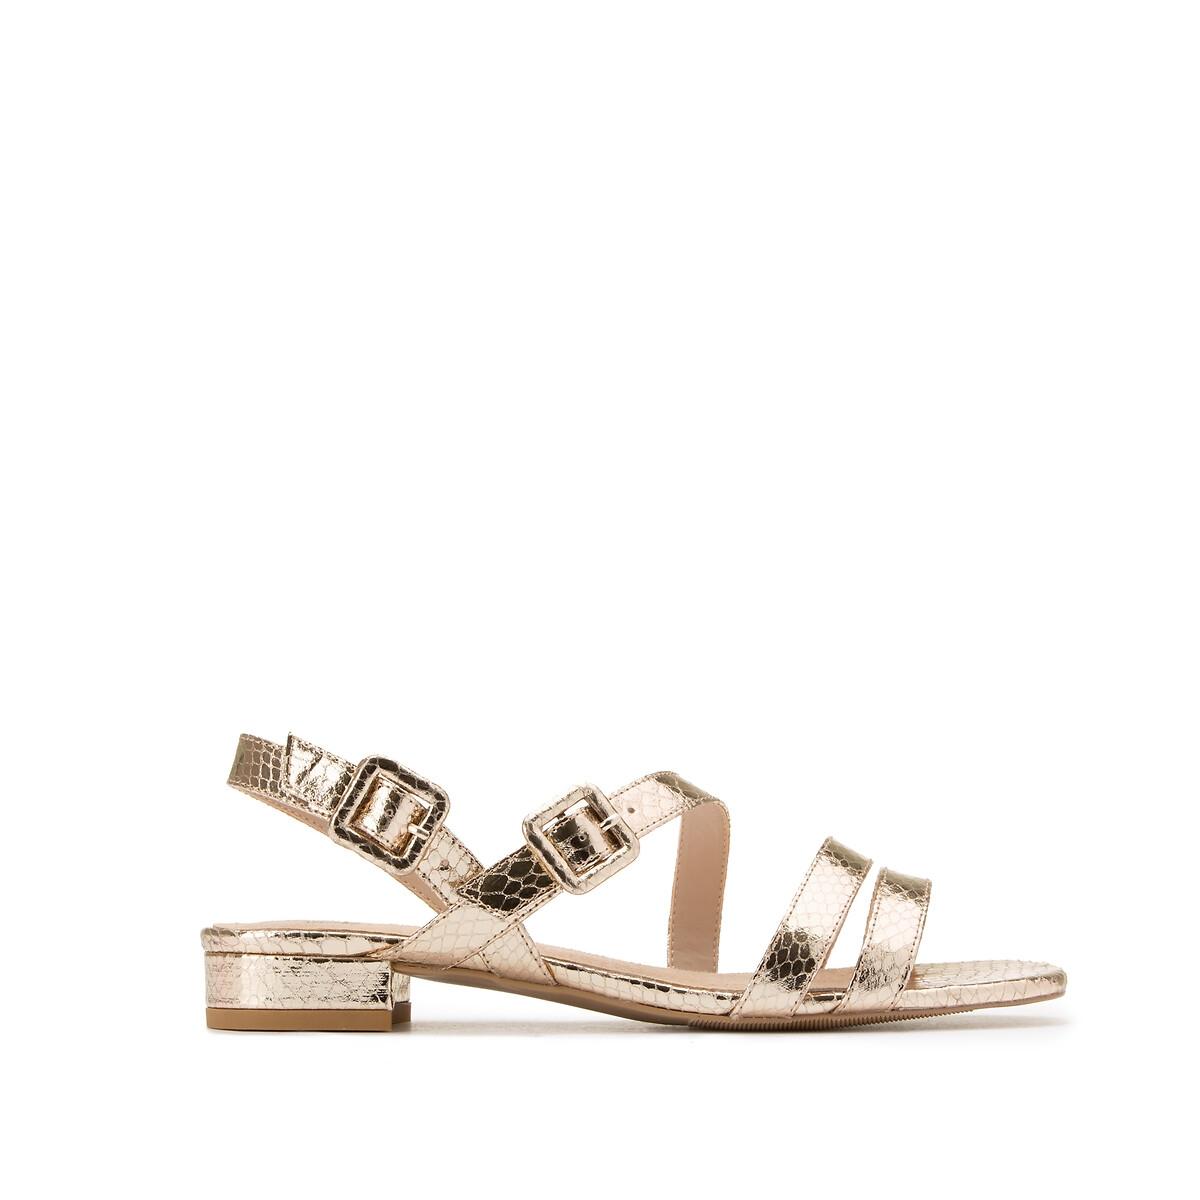 Sandalias doradas efecto pitón